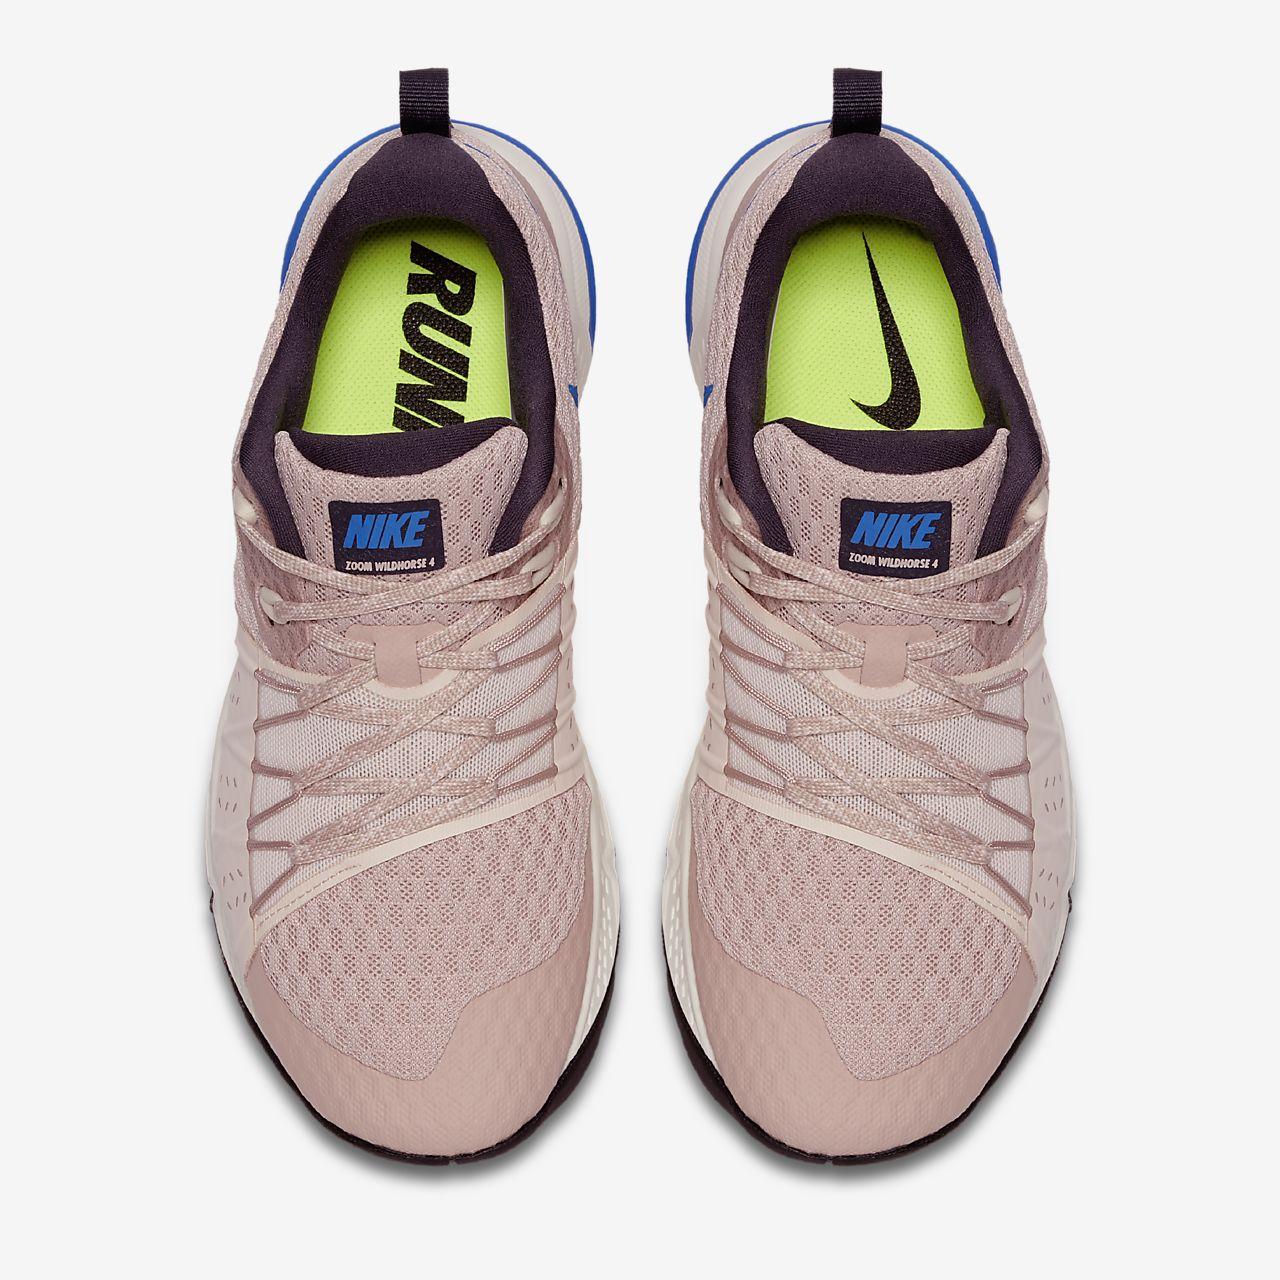 Nike Air Zoom Wildhorse Wildhorse Wildhorse 4 Damen-Laufschuh    | Grüne, neue Technologie  b008e8